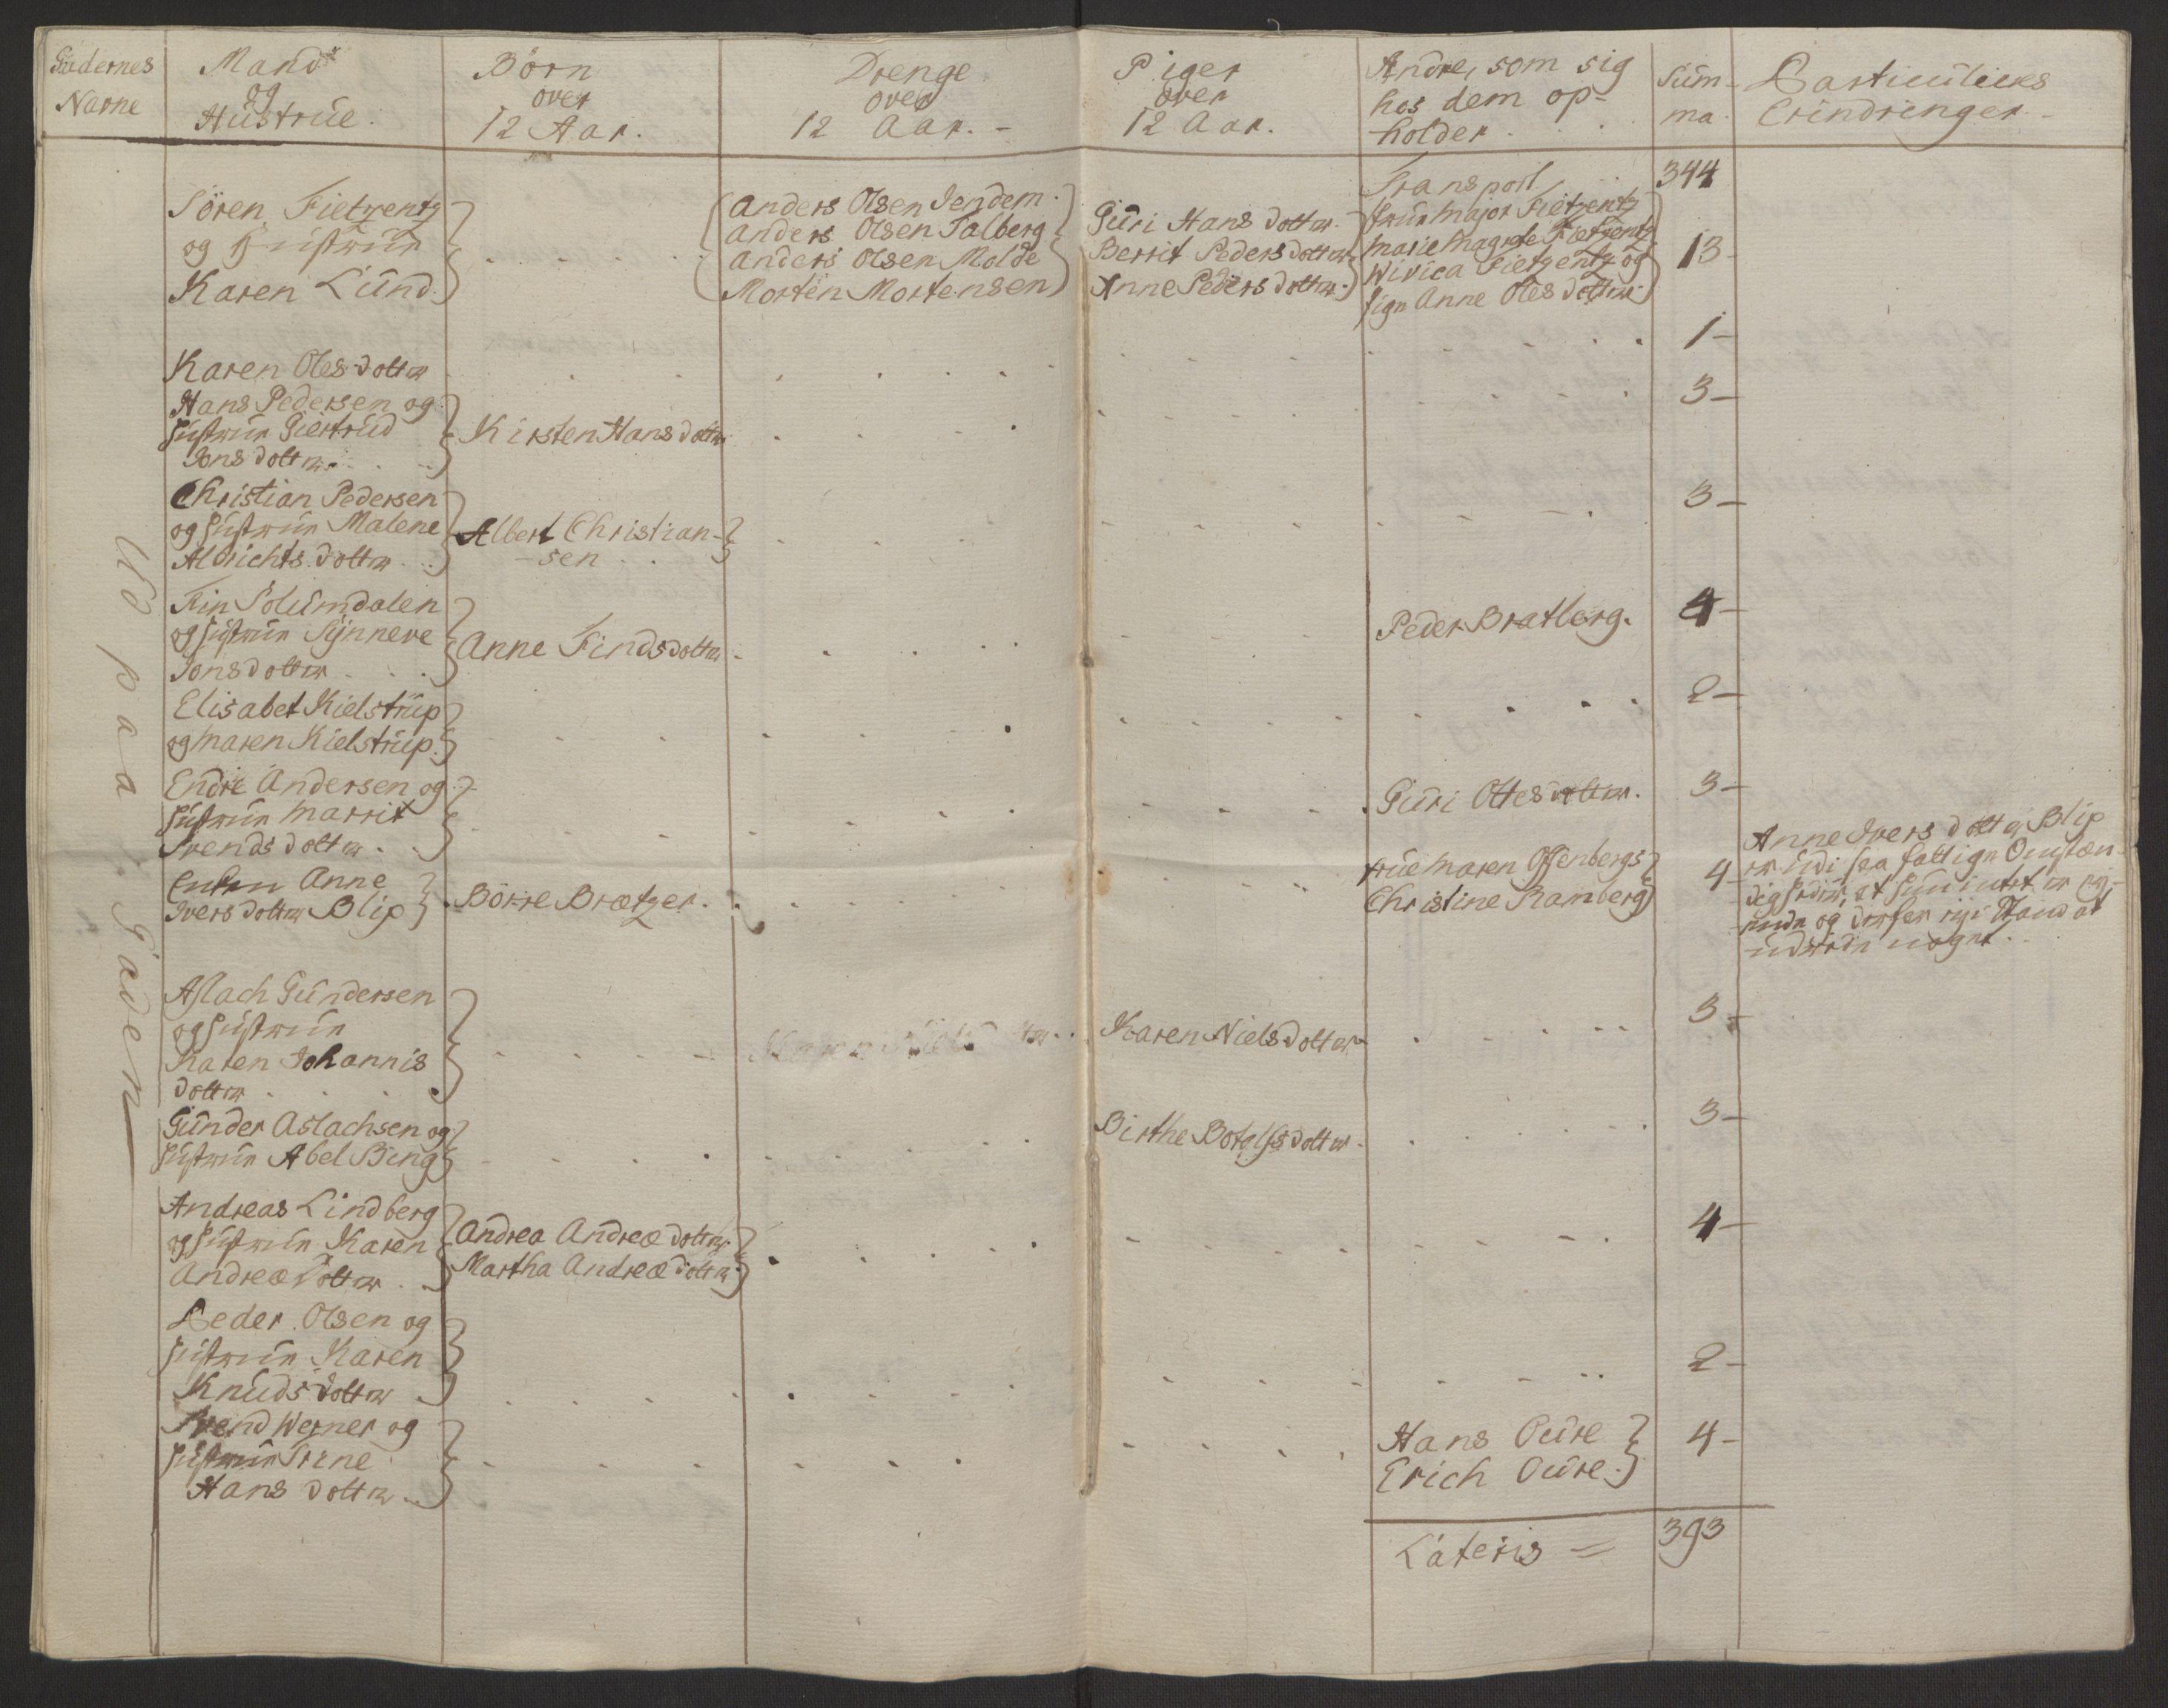 RA, Rentekammeret inntil 1814, Reviderte regnskaper, Byregnskaper, R/Rq/L0487: [Q1] Kontribusjonsregnskap, 1762-1772, s. 19